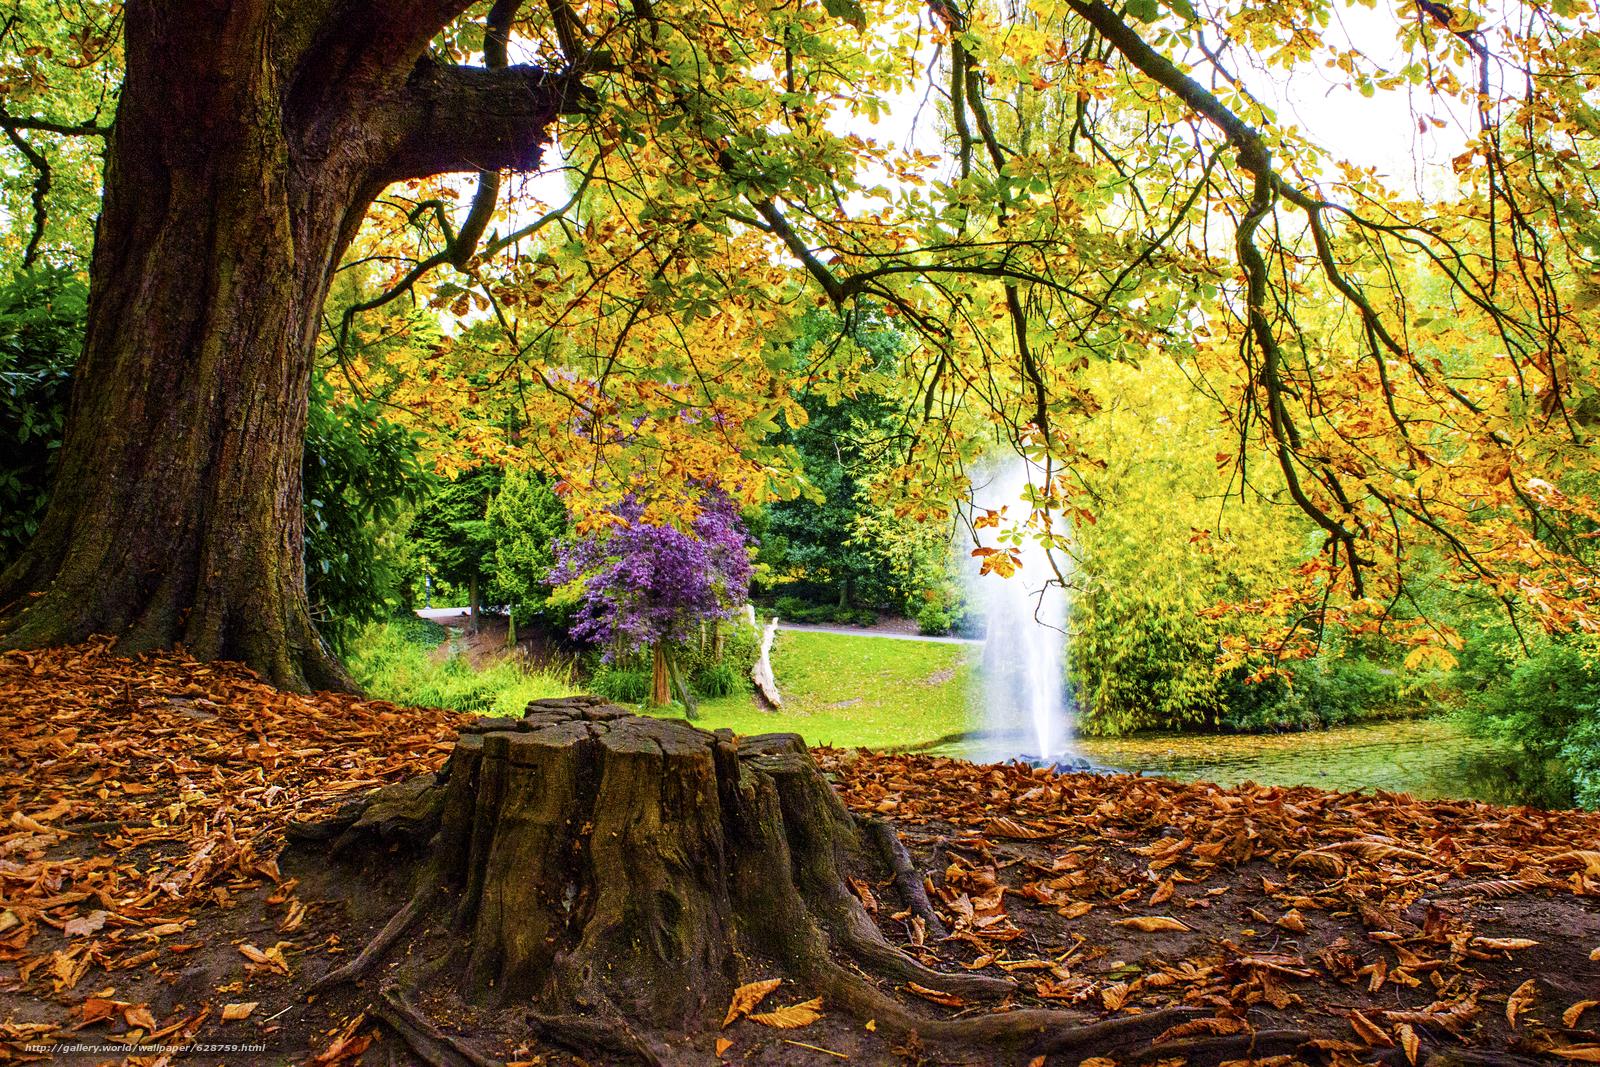 осень, парк, пруд, фонтан, деревья, пейзаж